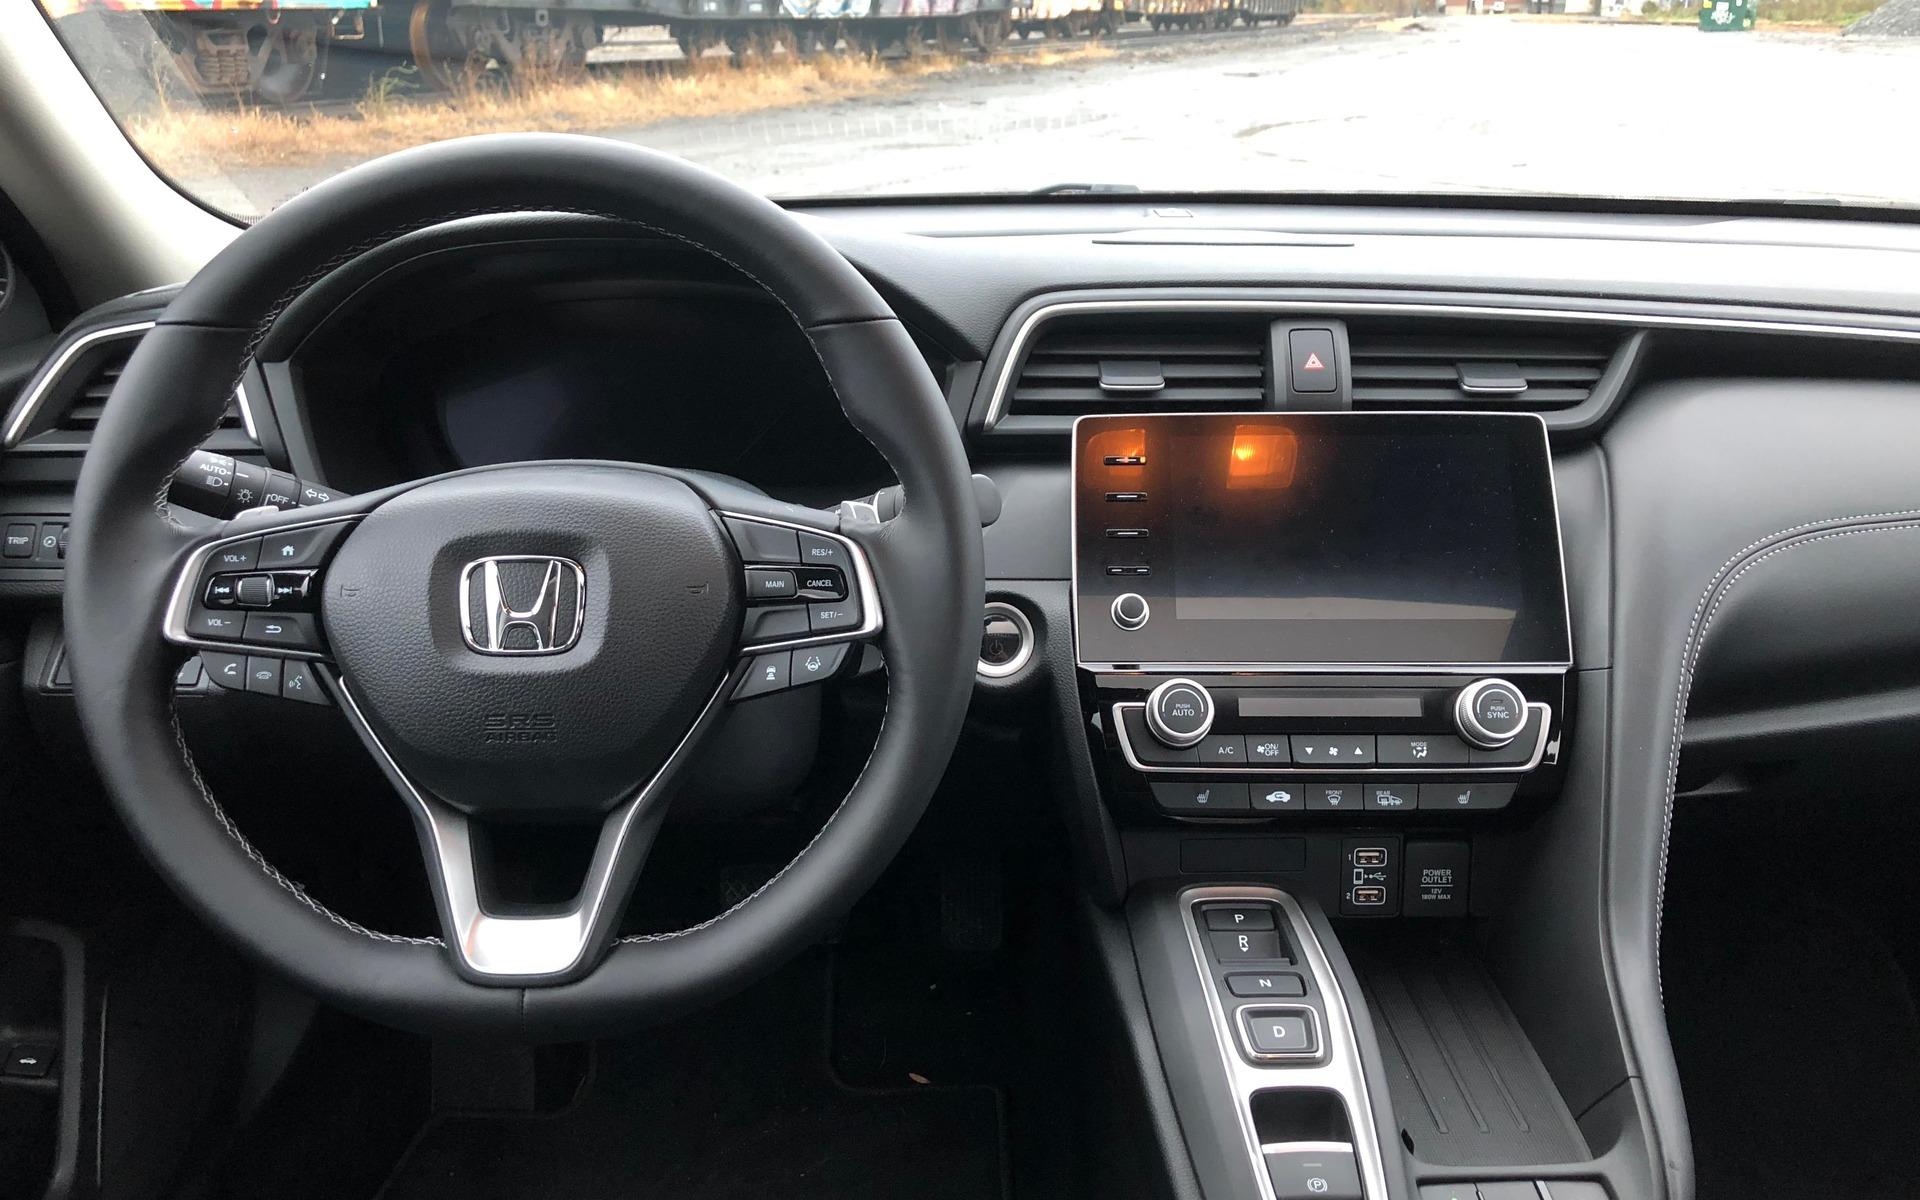 5 choses à savoir sur la Honda Insight 2019 358776_5_choses_a_savoir_sur_Honda_Insight_2019